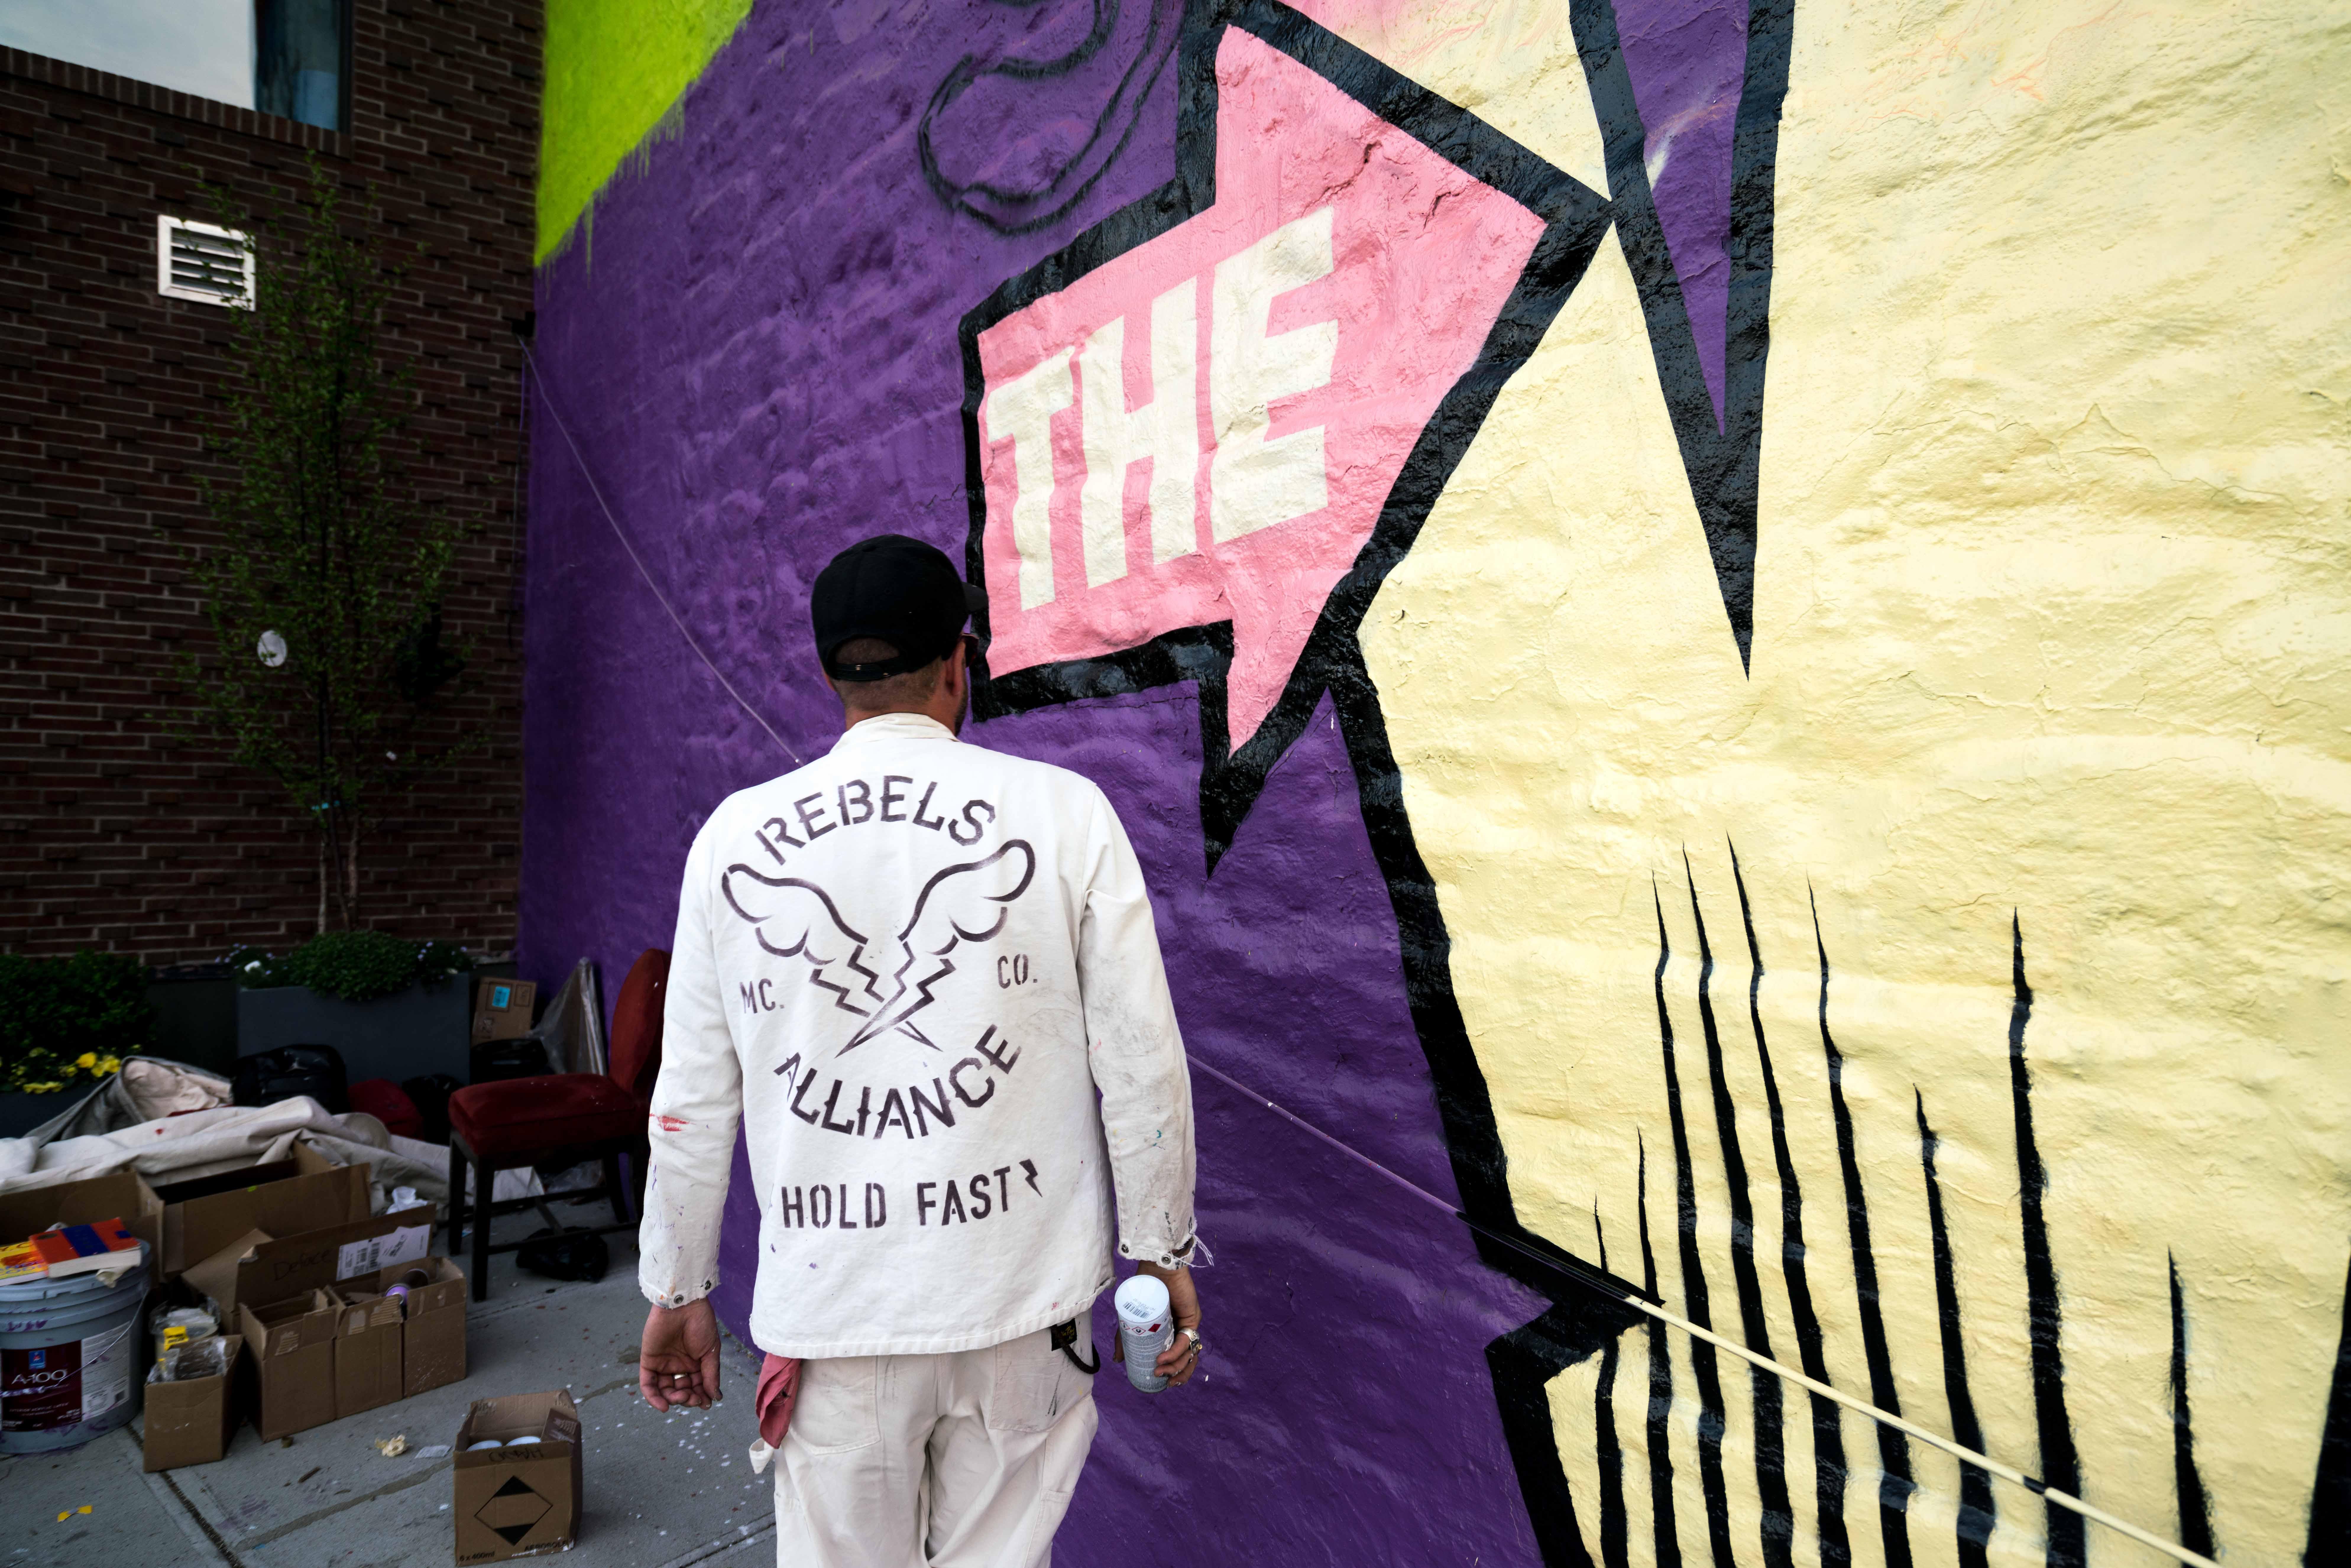 Work in progress by D*Face in Greenpoint, Brooklyn Artes & contextos DfaceKaskersky Brooklyn WIP 6